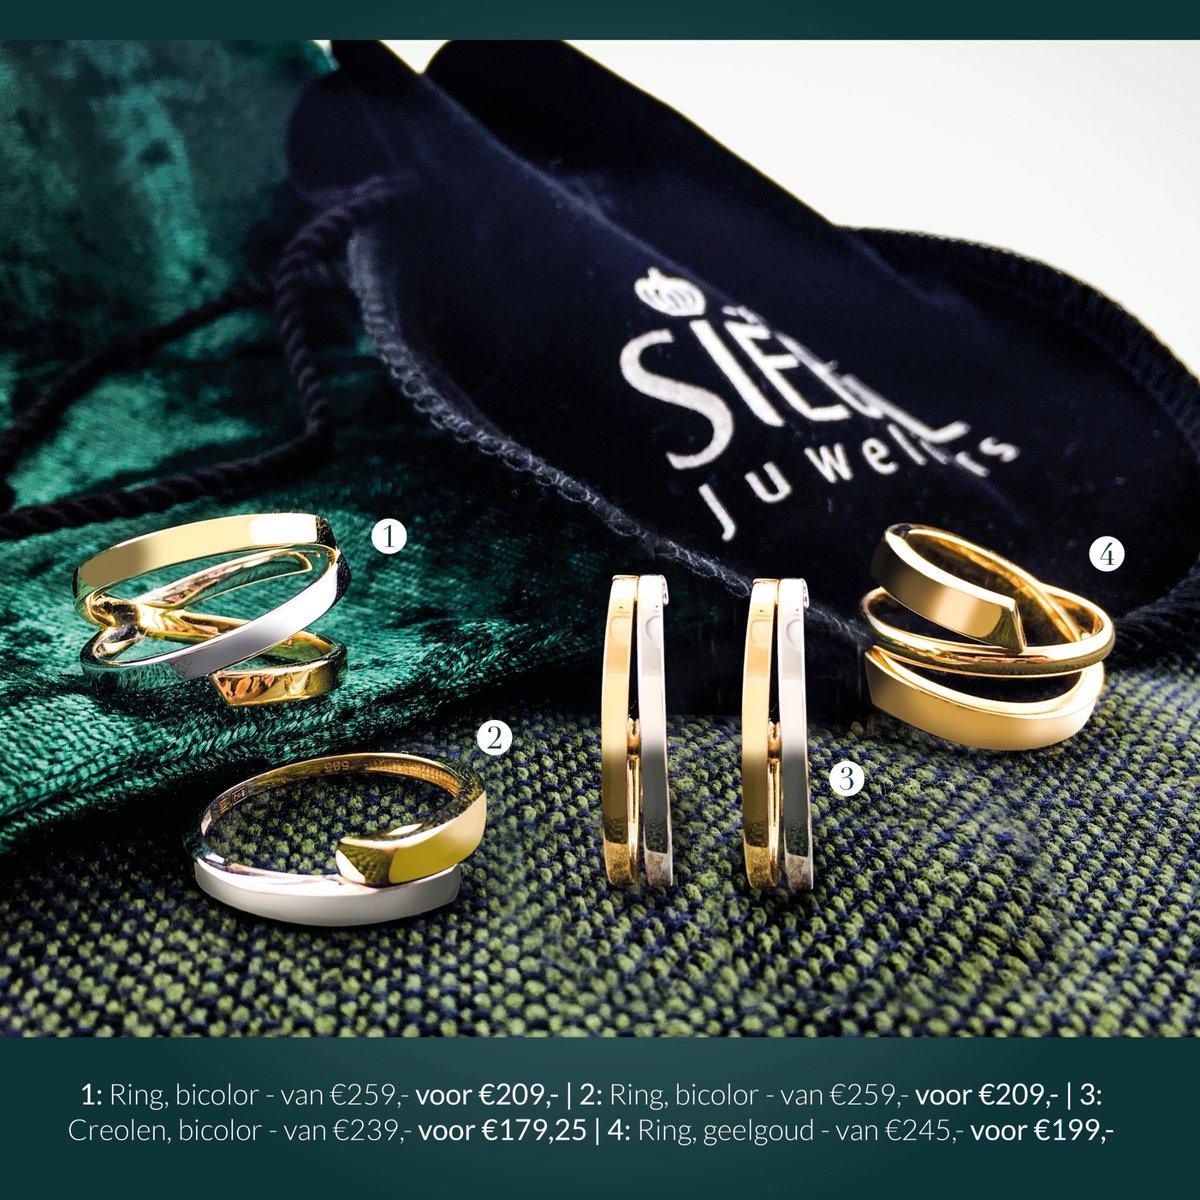 Siebel Juweliers Siebeljuweliers Twitter